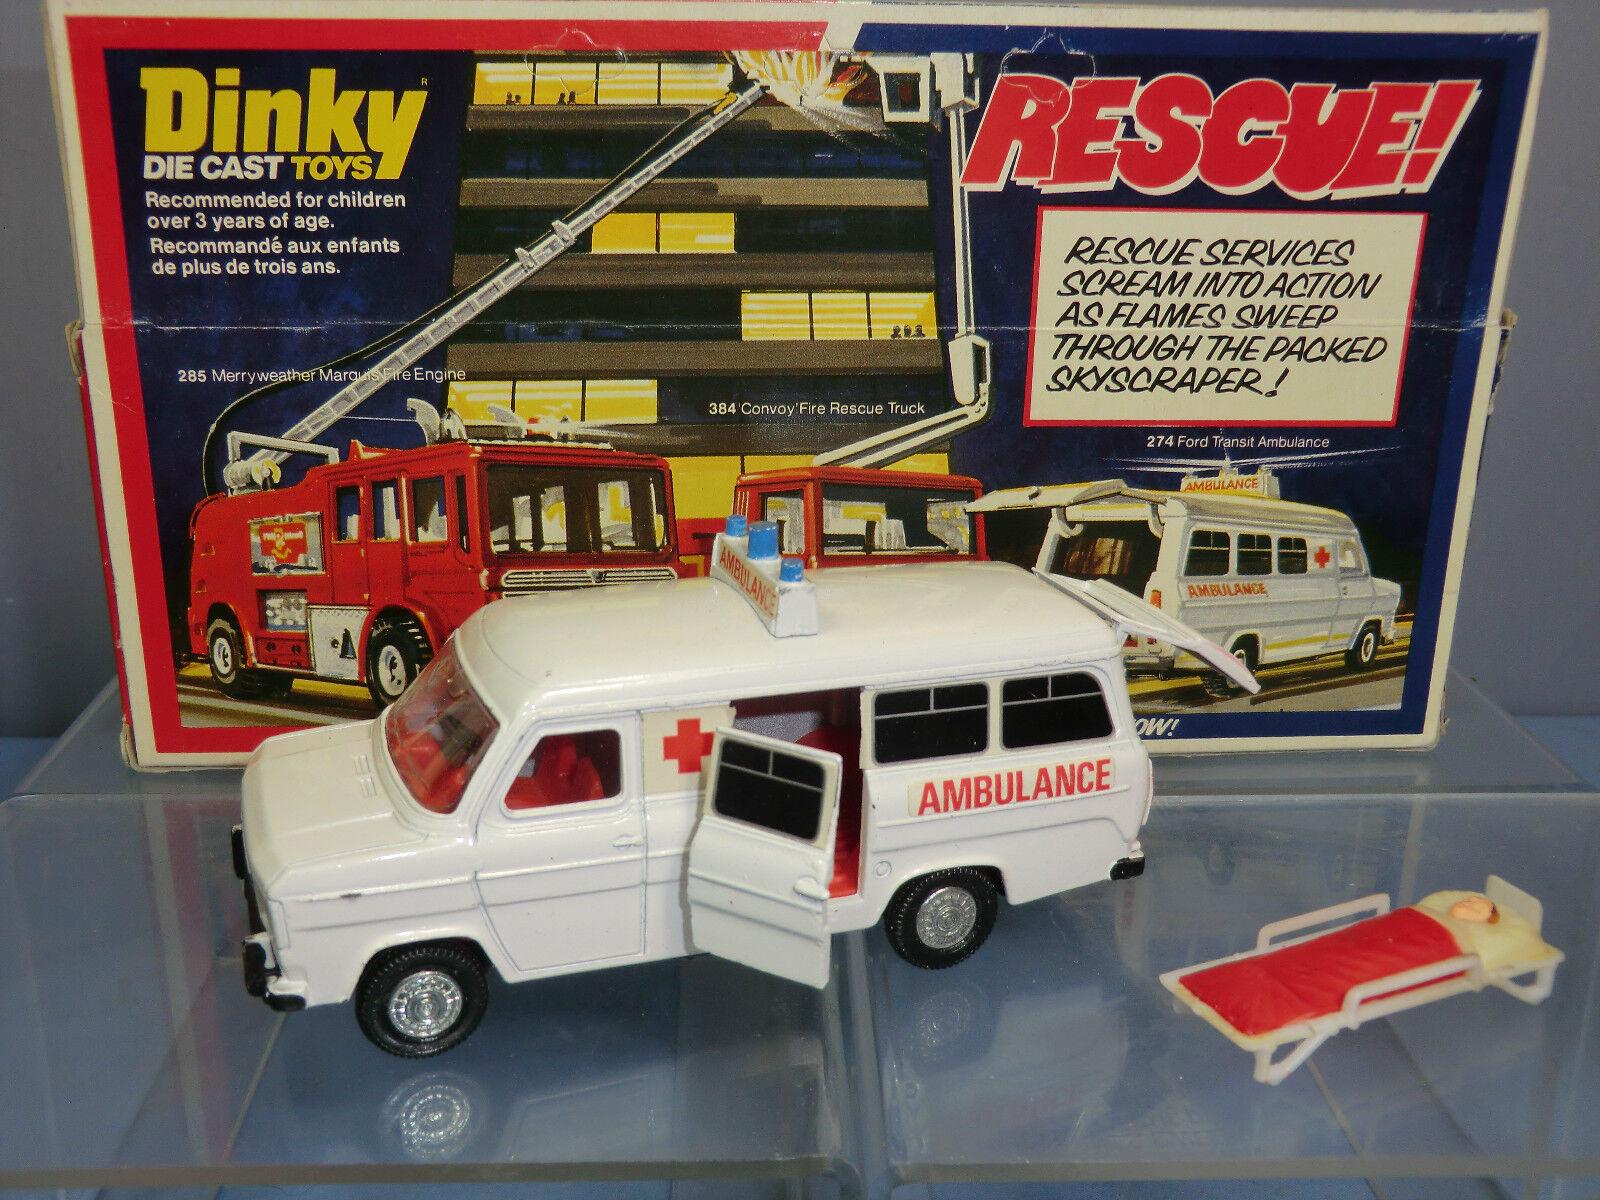 Schäbiges spielzeug - modell no.274 ford transit - ambulanz im mib